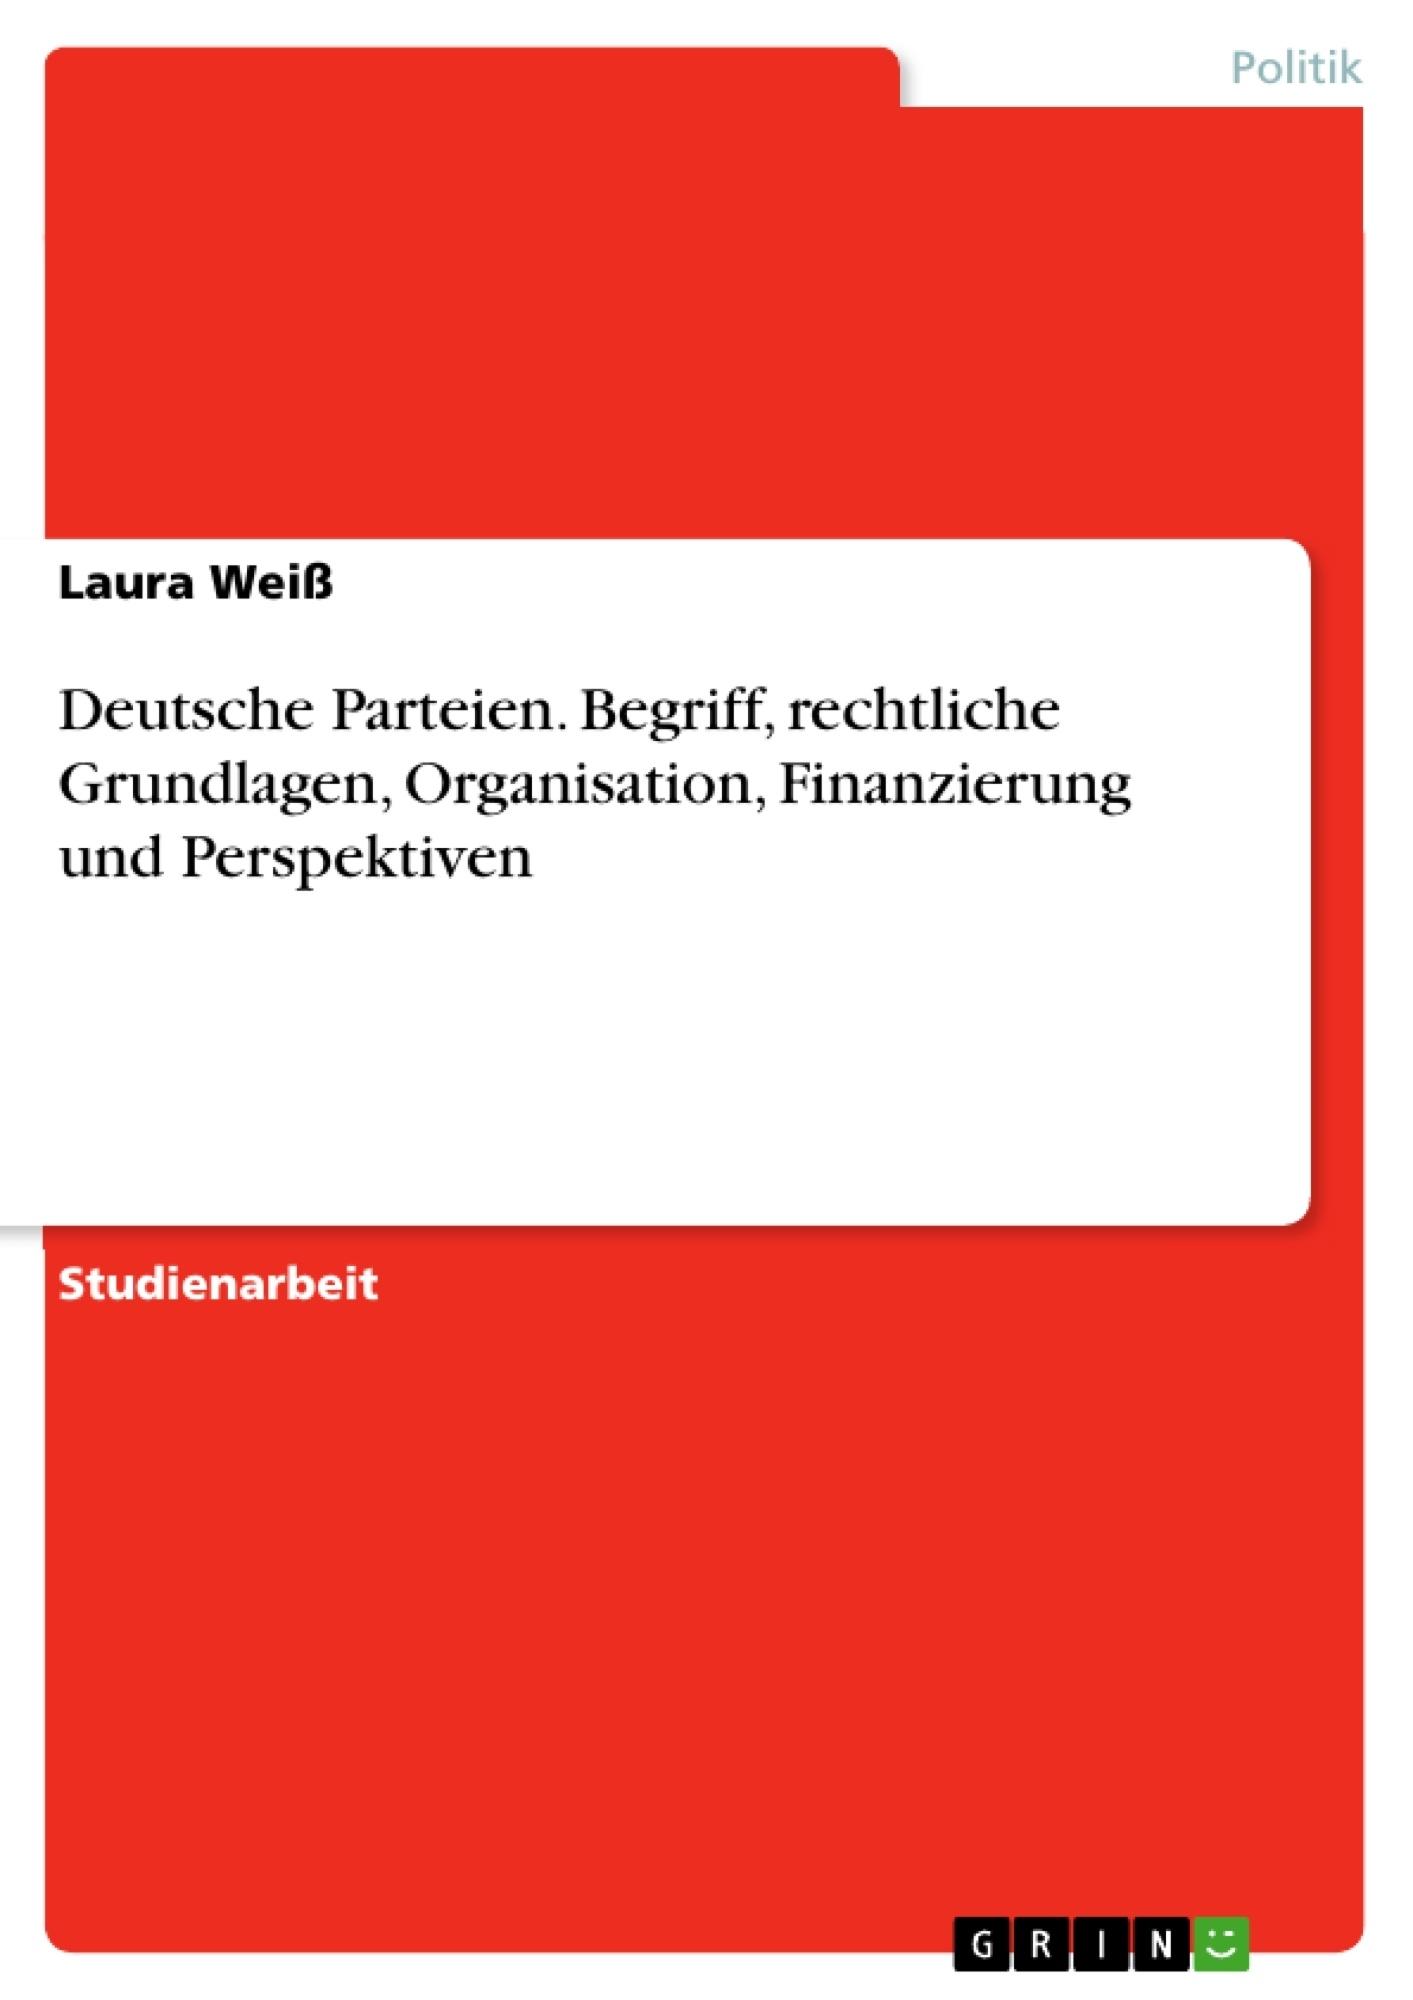 Titel: Deutsche Parteien. Begriff, rechtliche Grundlagen, Organisation, Finanzierung und Perspektiven